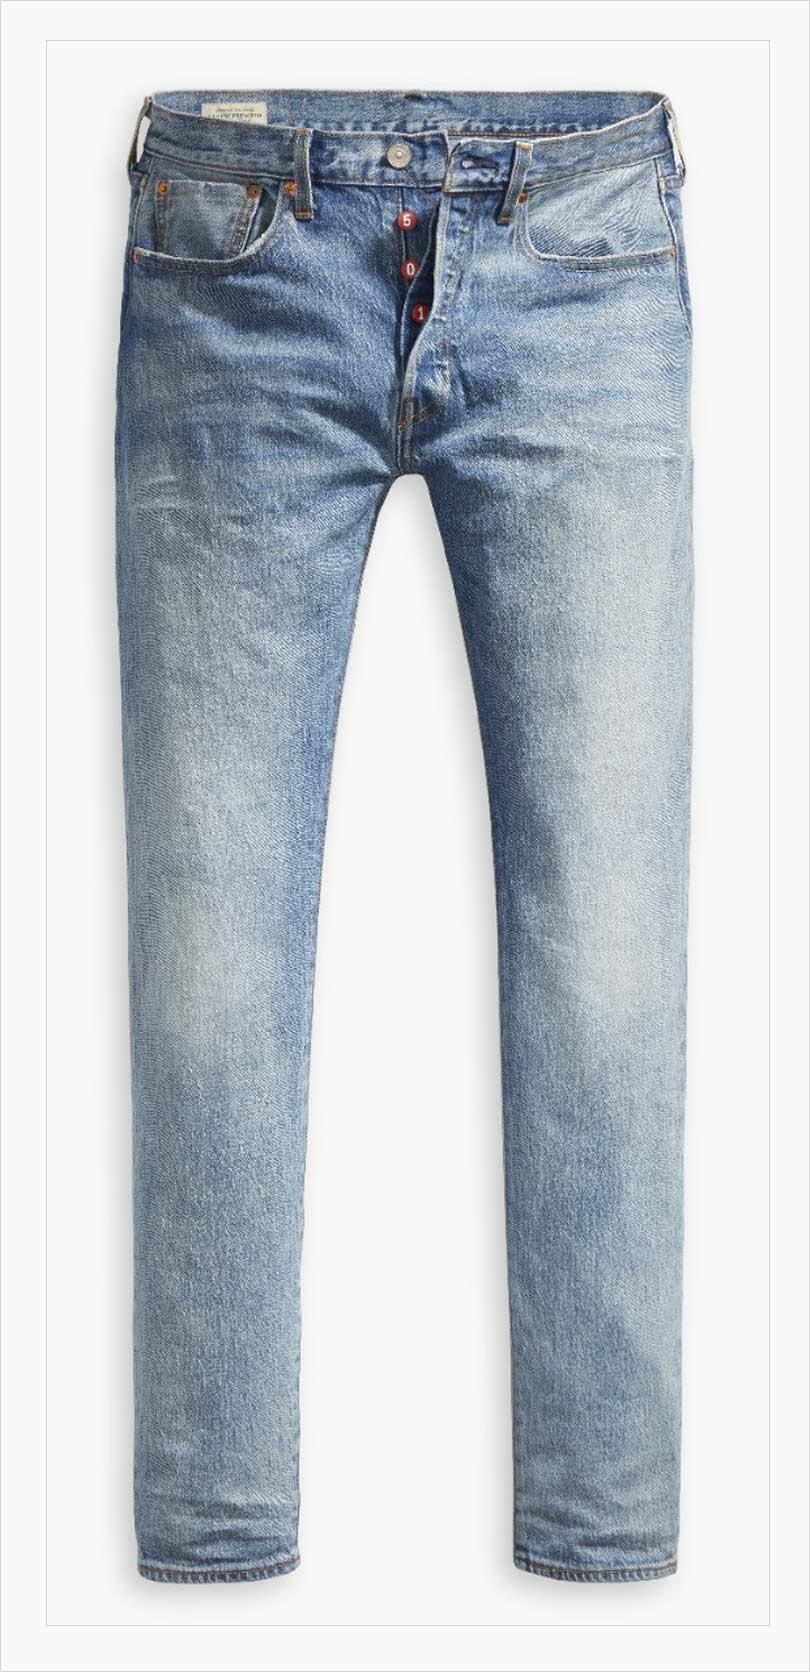 2c3cd3e922 Los jeans más vendidos de las 9 mejores marcas de denim